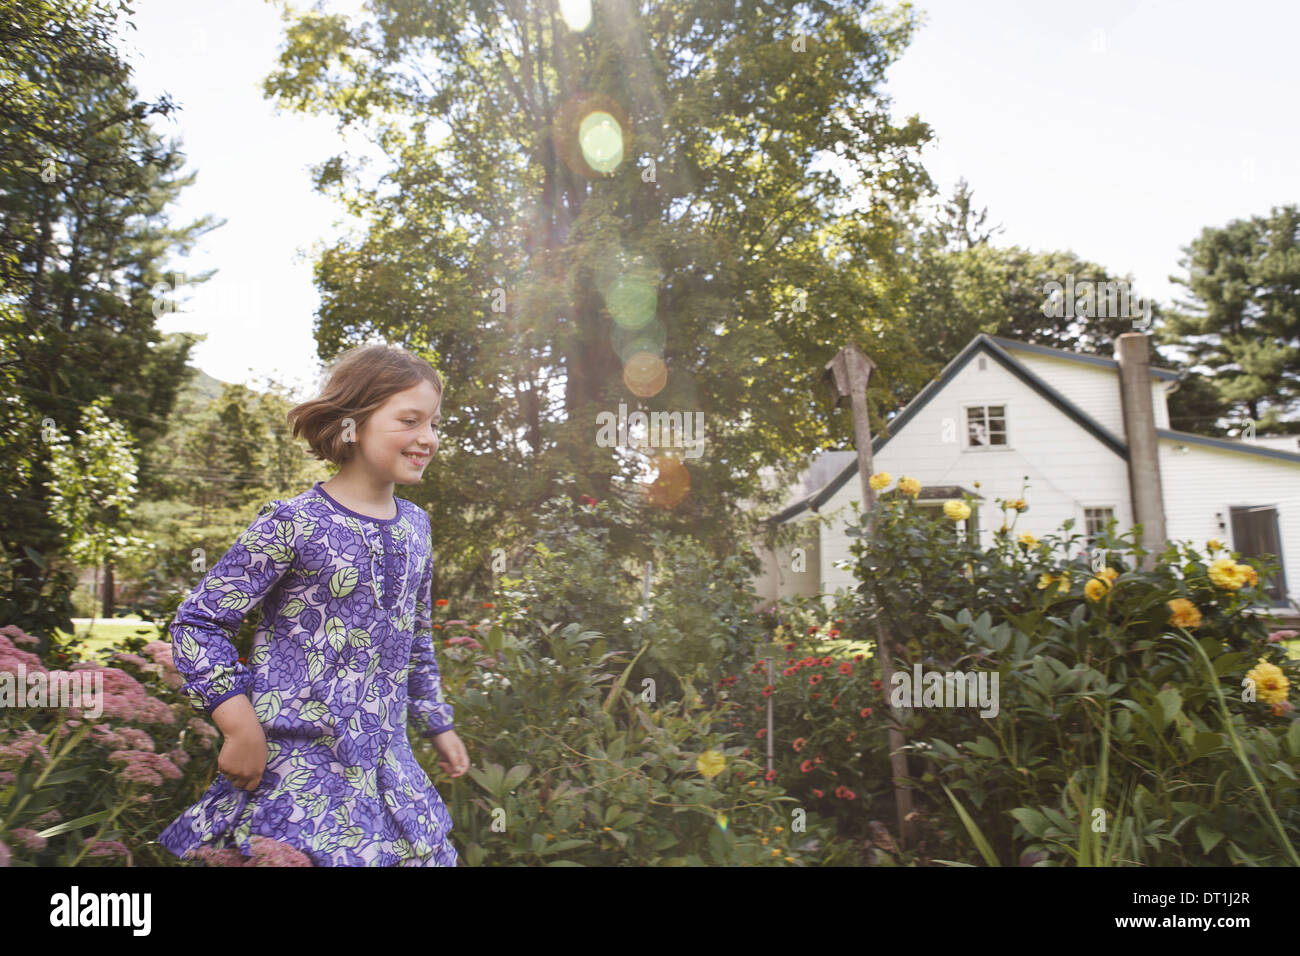 Un enfant dans une robe bleu à motifs qui traverse un jardin maison Photo Stock